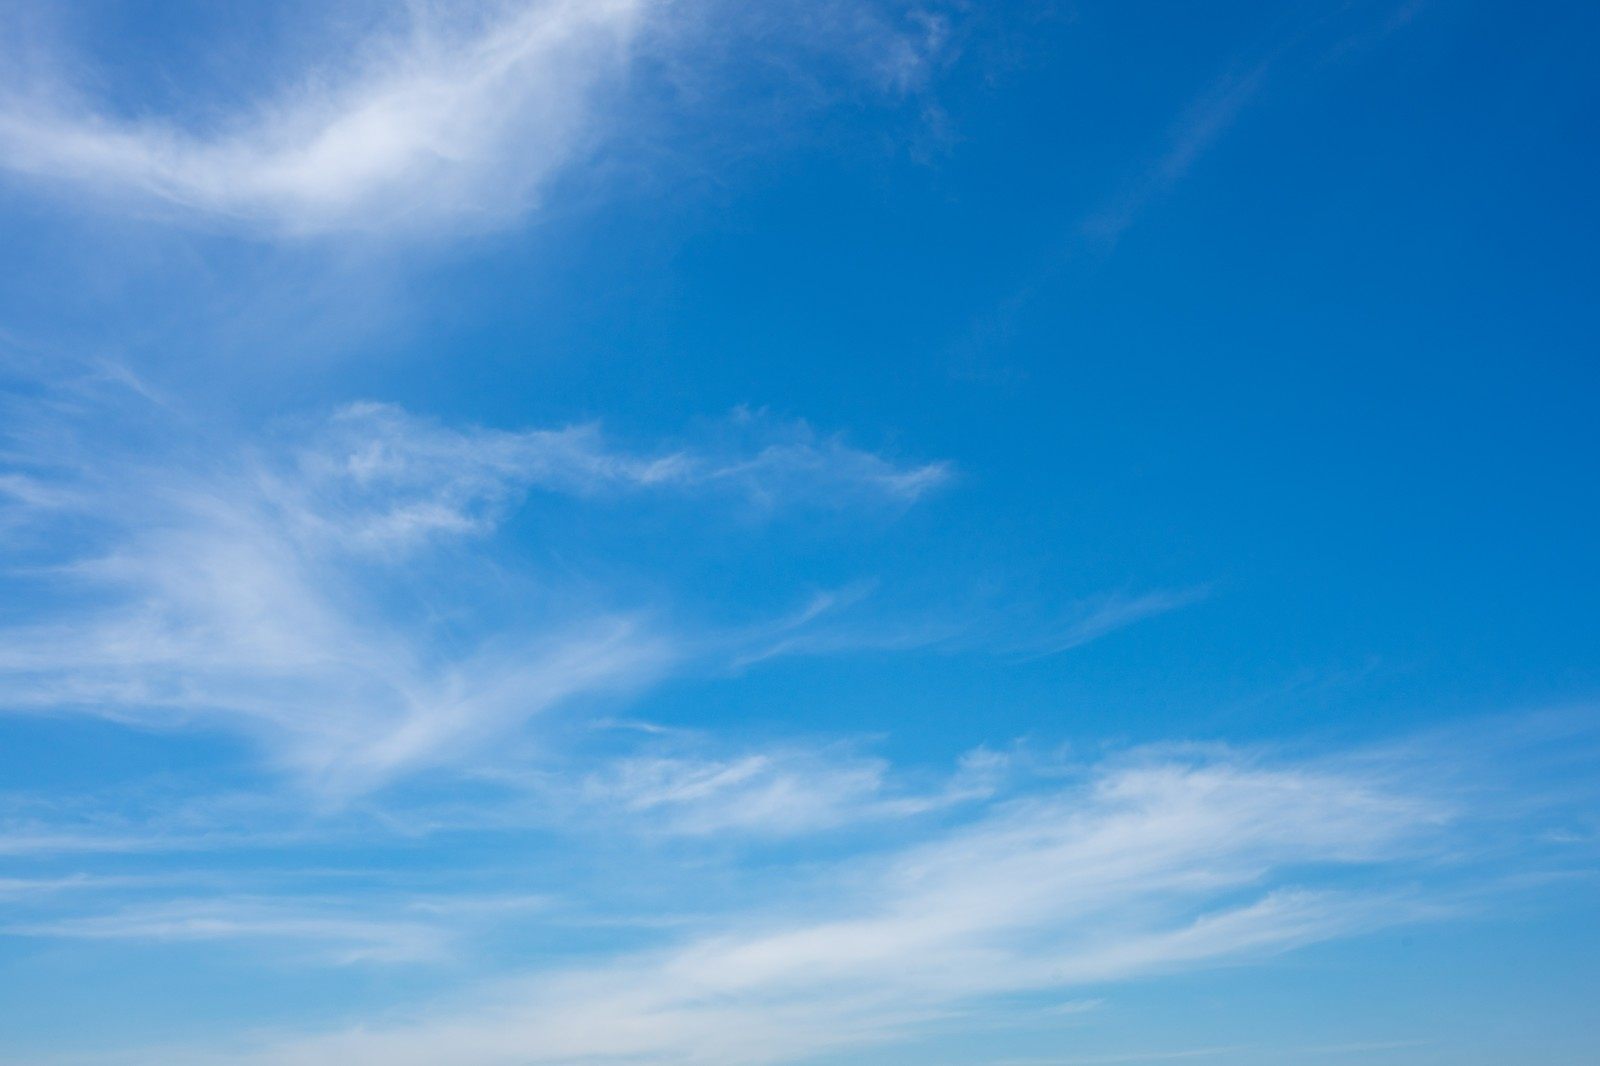 「青空に薄い雲青空に薄い雲」のフリー写真素材を拡大